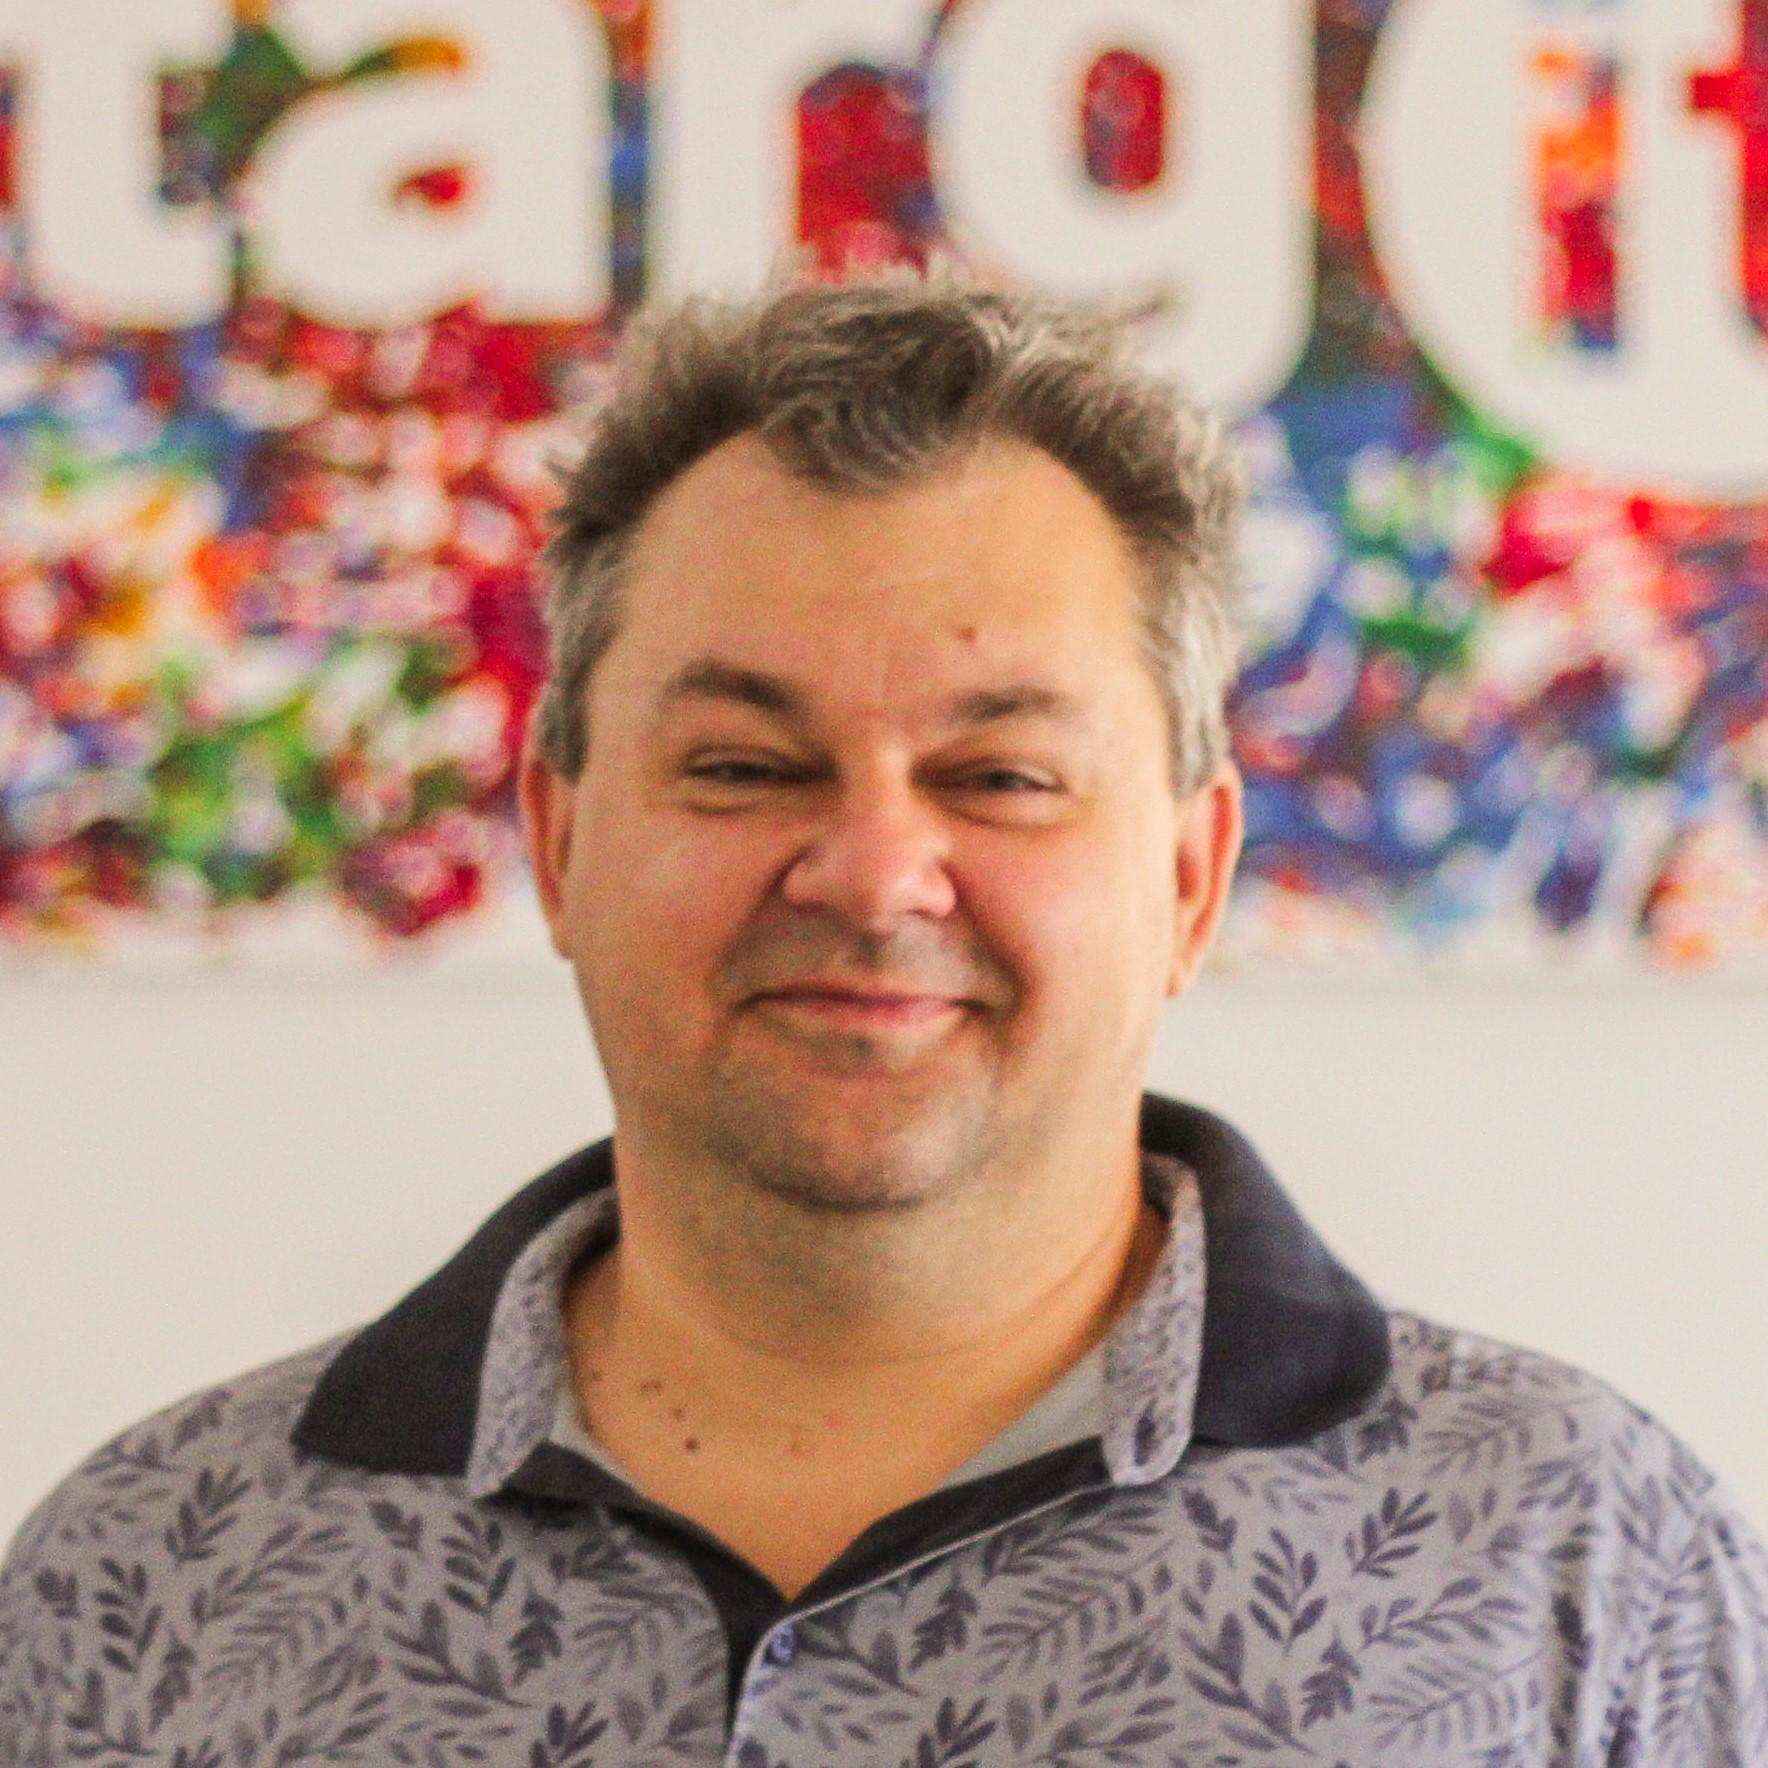 OntargIT_expert_Oleksandr_Kushnir